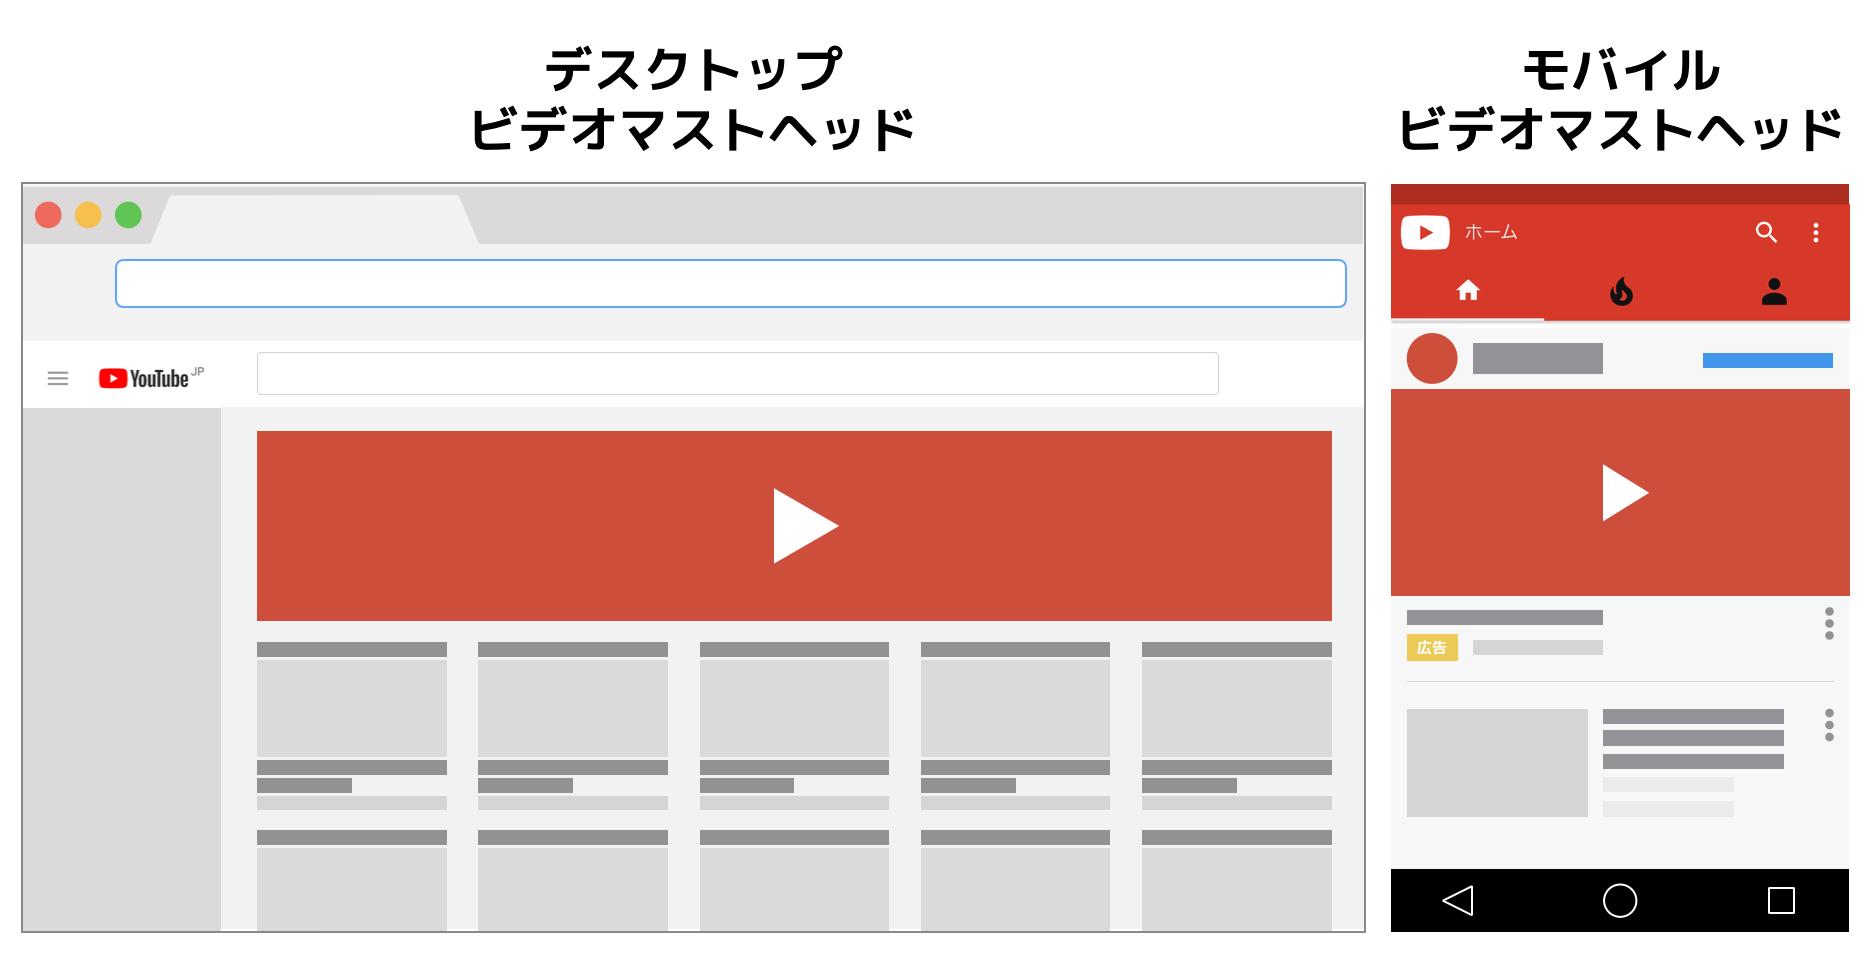 マストヘッド広告とは(YOUTUBE)